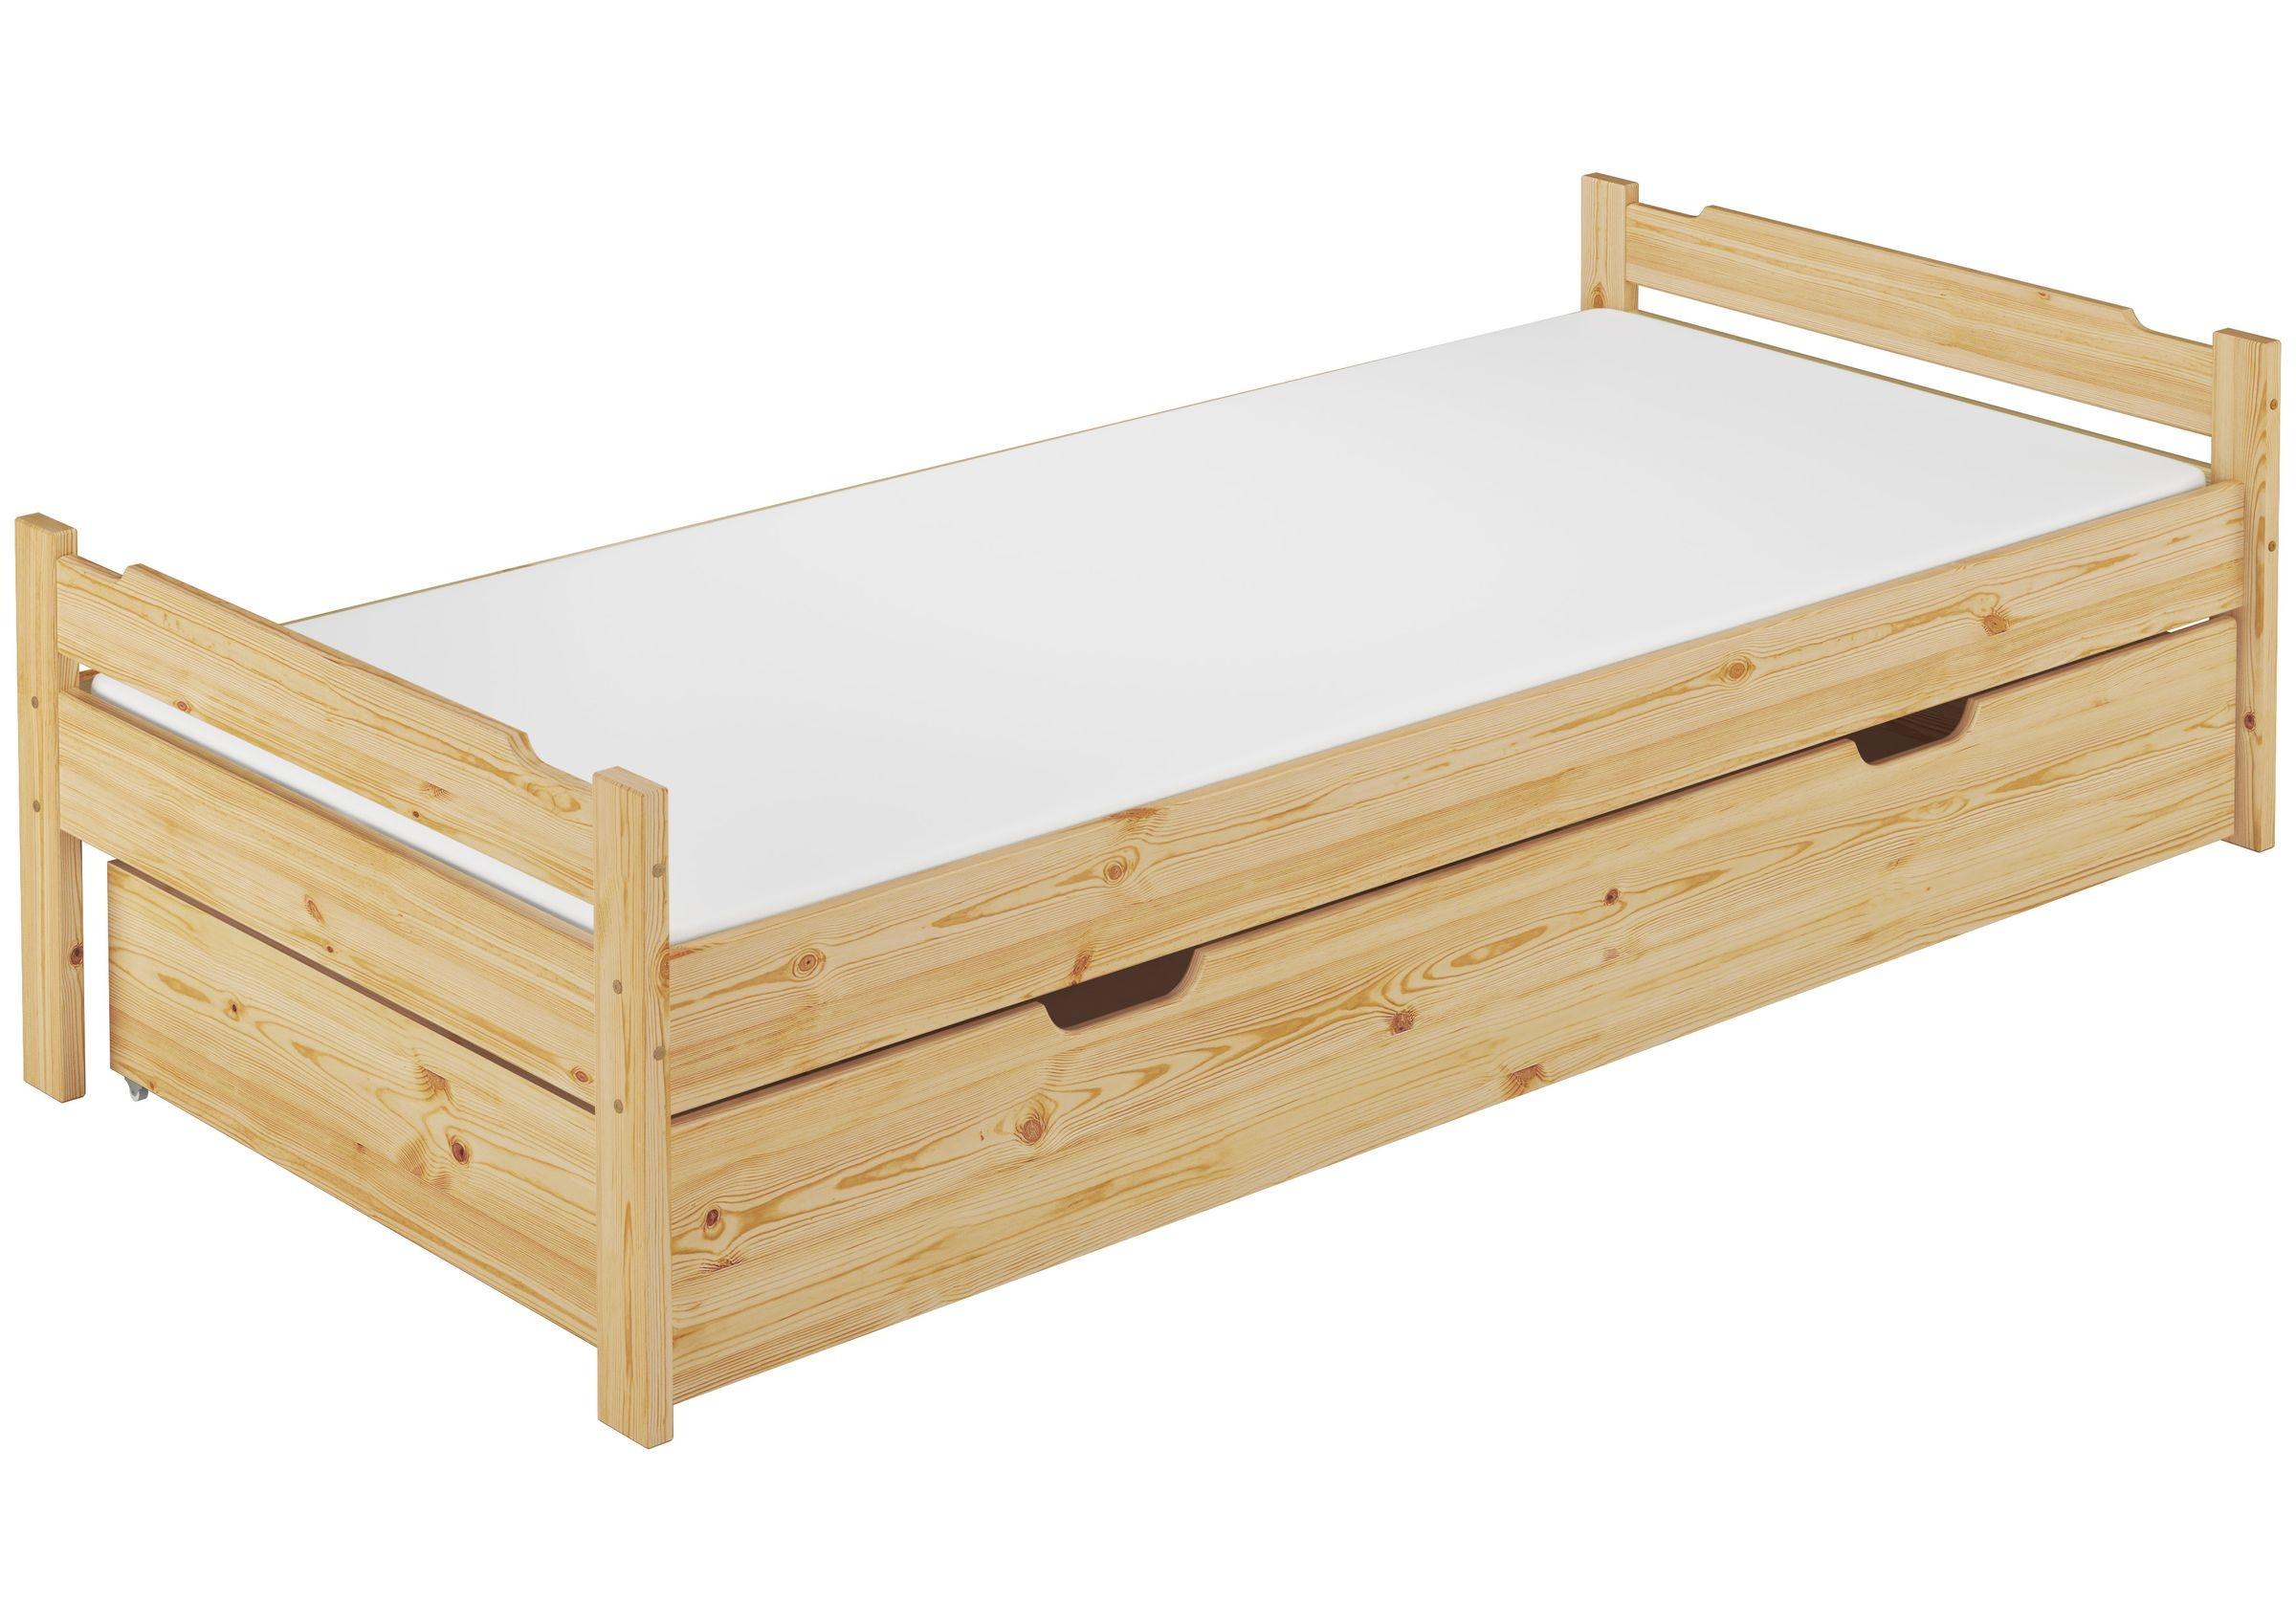 Full Size of Stabiles Bett Betten Poco Designer Rauch 140x200 Altes Leander Bambus Mit Schubladen 90x200 Weiß Paidi 160x220 Clinique Even Better Make Up Ausziehbares Flexa Bett Stabiles Bett